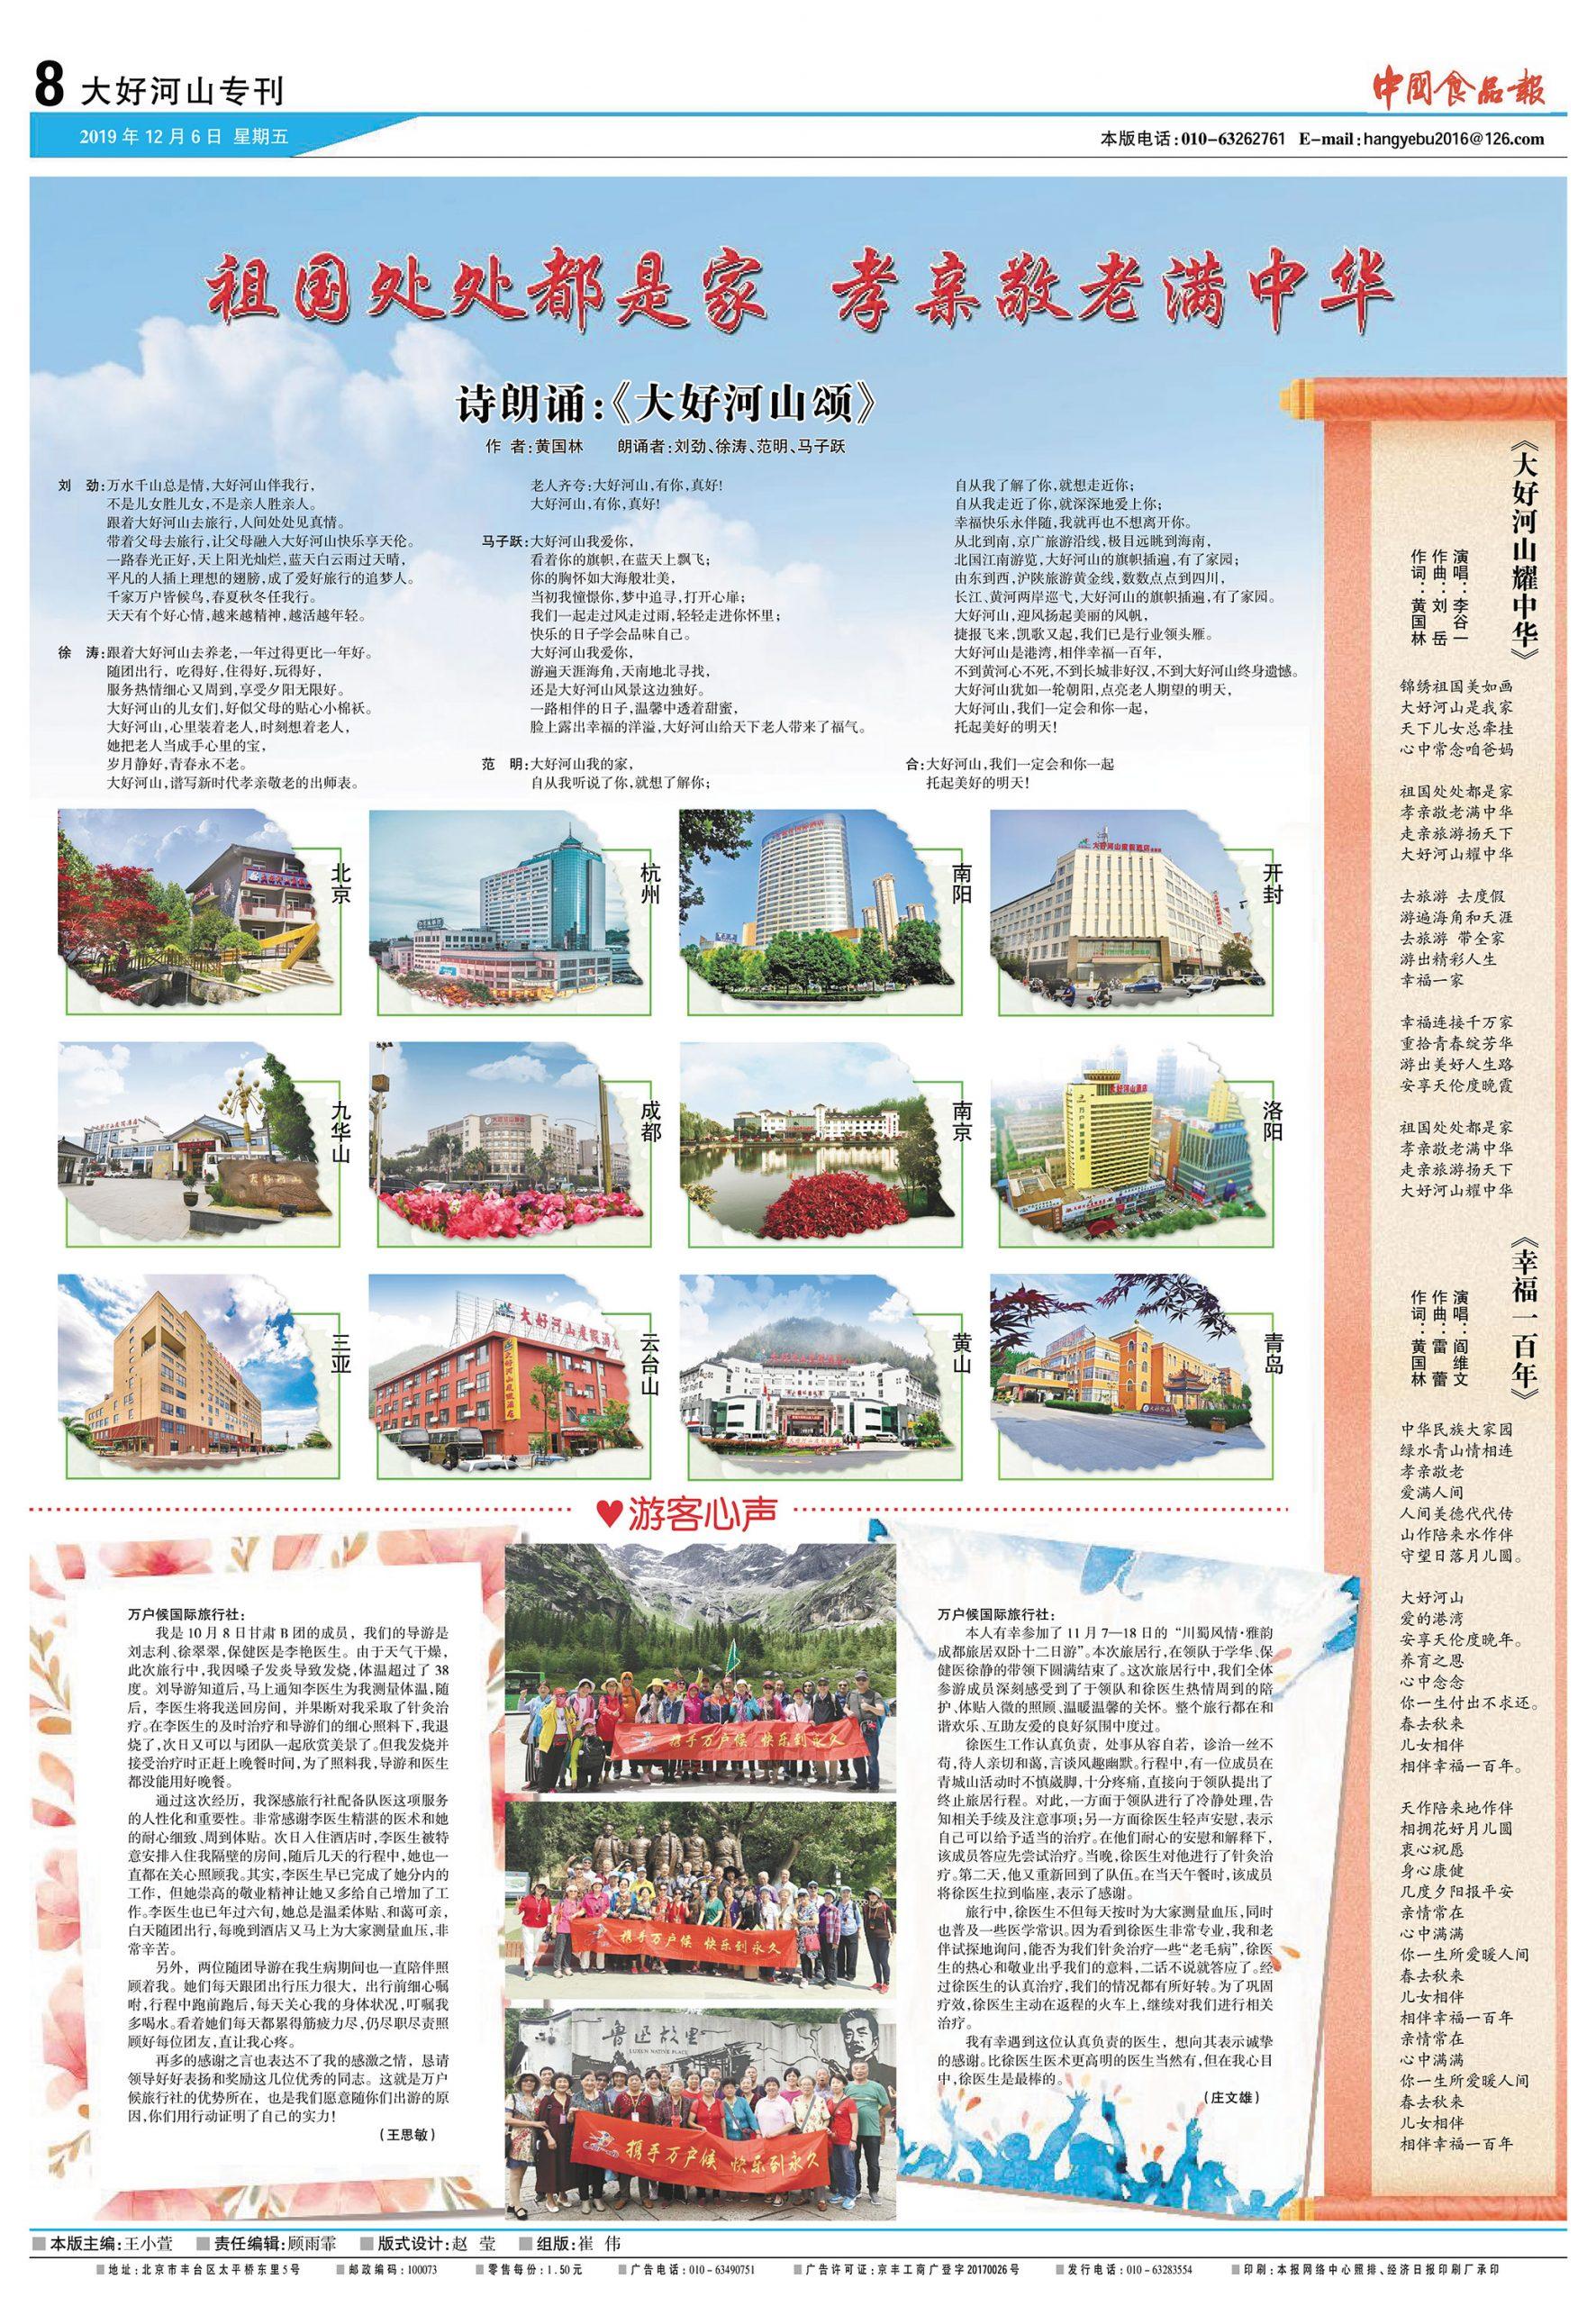 中国食品报 2019-12-06 专刊8